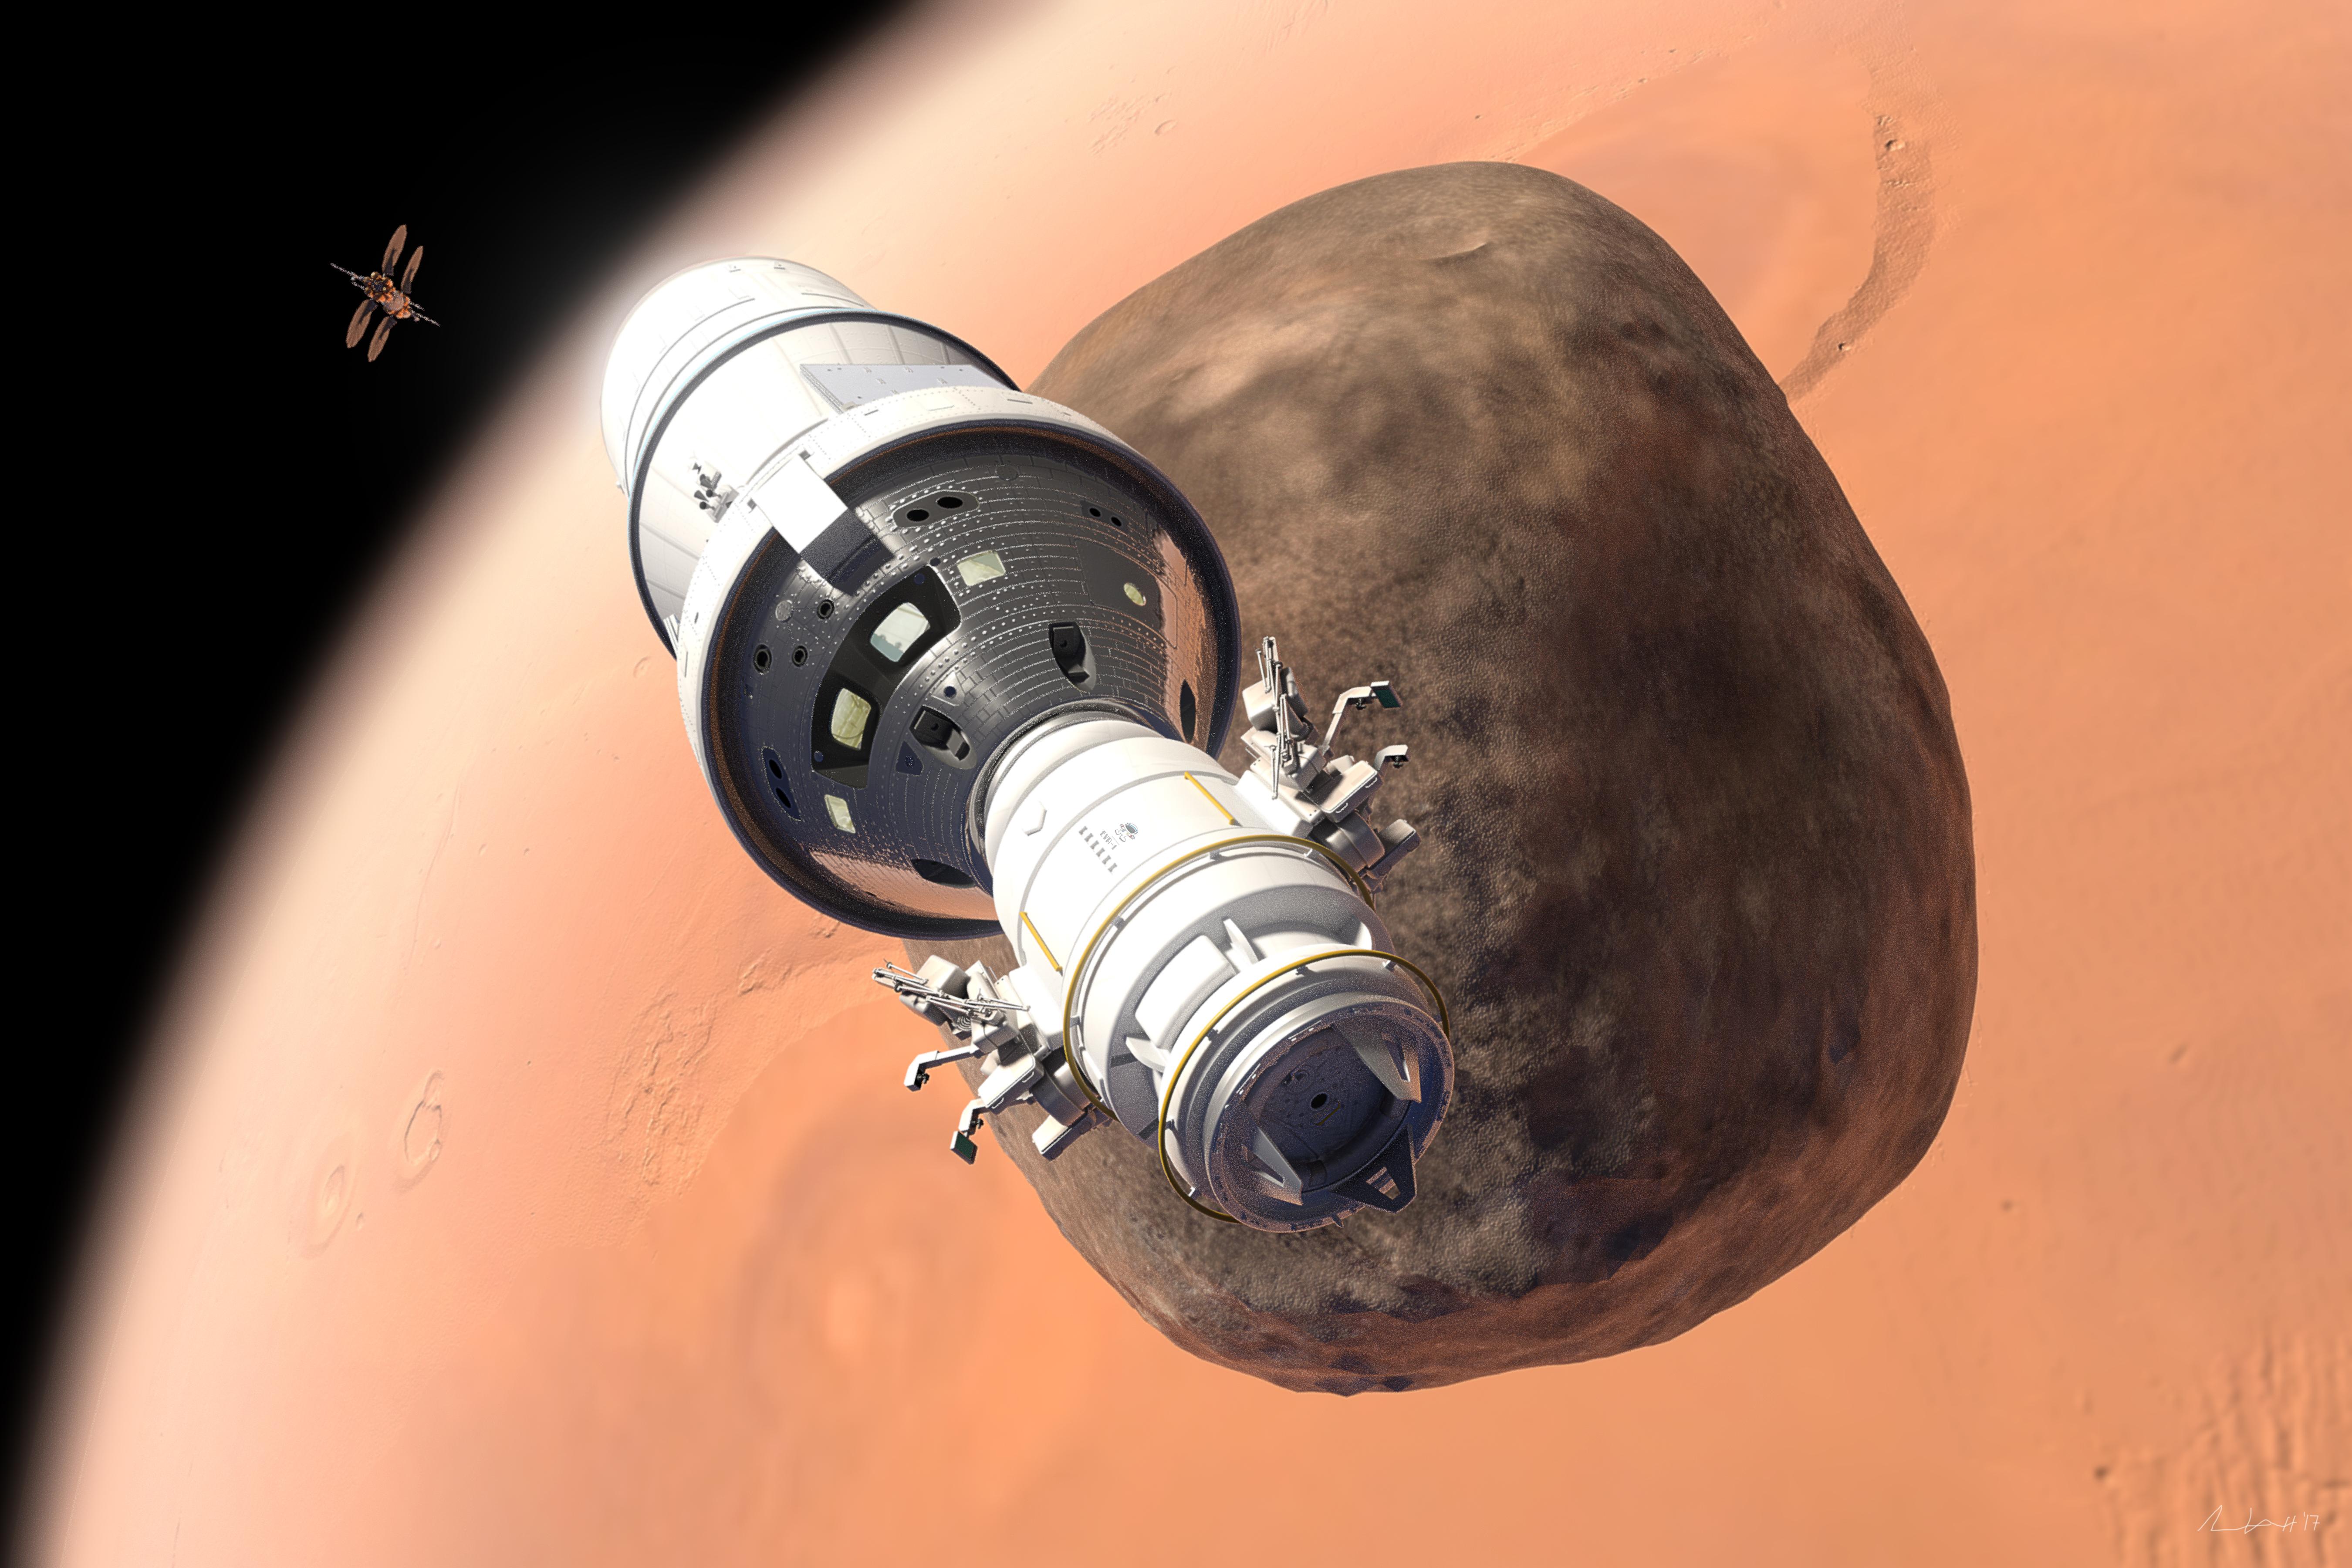 Orion Excursion Mission